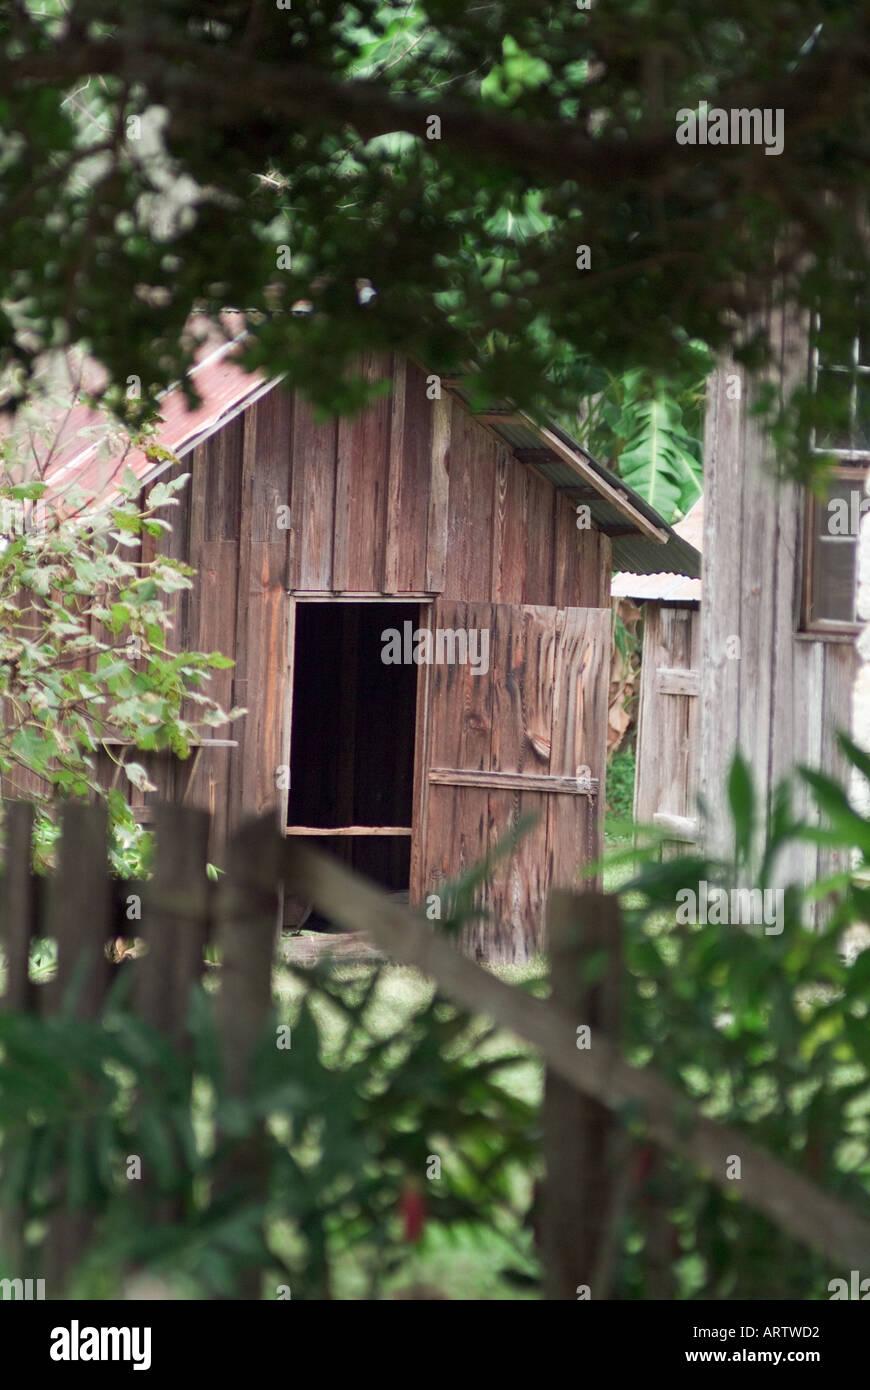 Dudley Bauernhof Historic State Park Newberry Florida Küche Land Gehöft Bauernhof bauen Stockbild